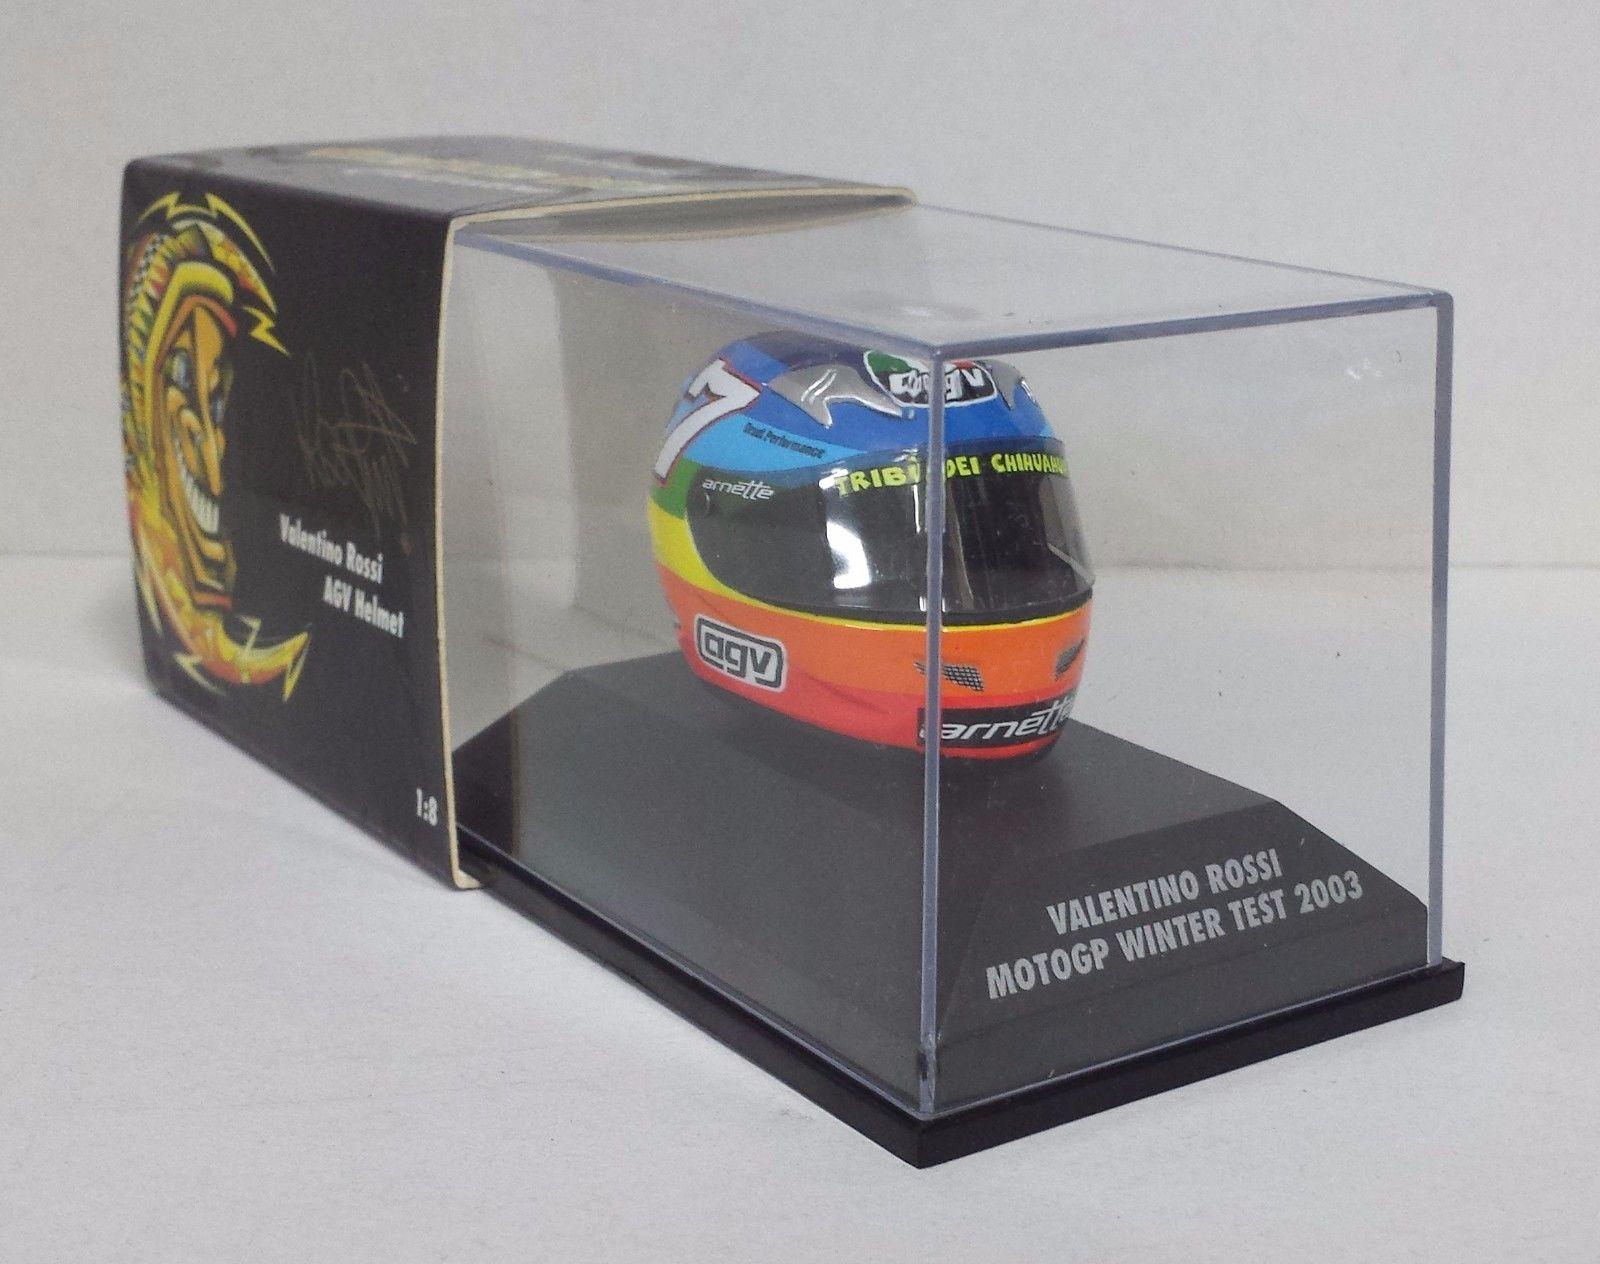 1:8 AGV Minichamps Valentino Rossi Helmet Casco Moto GP Winter Test 2003 NEW